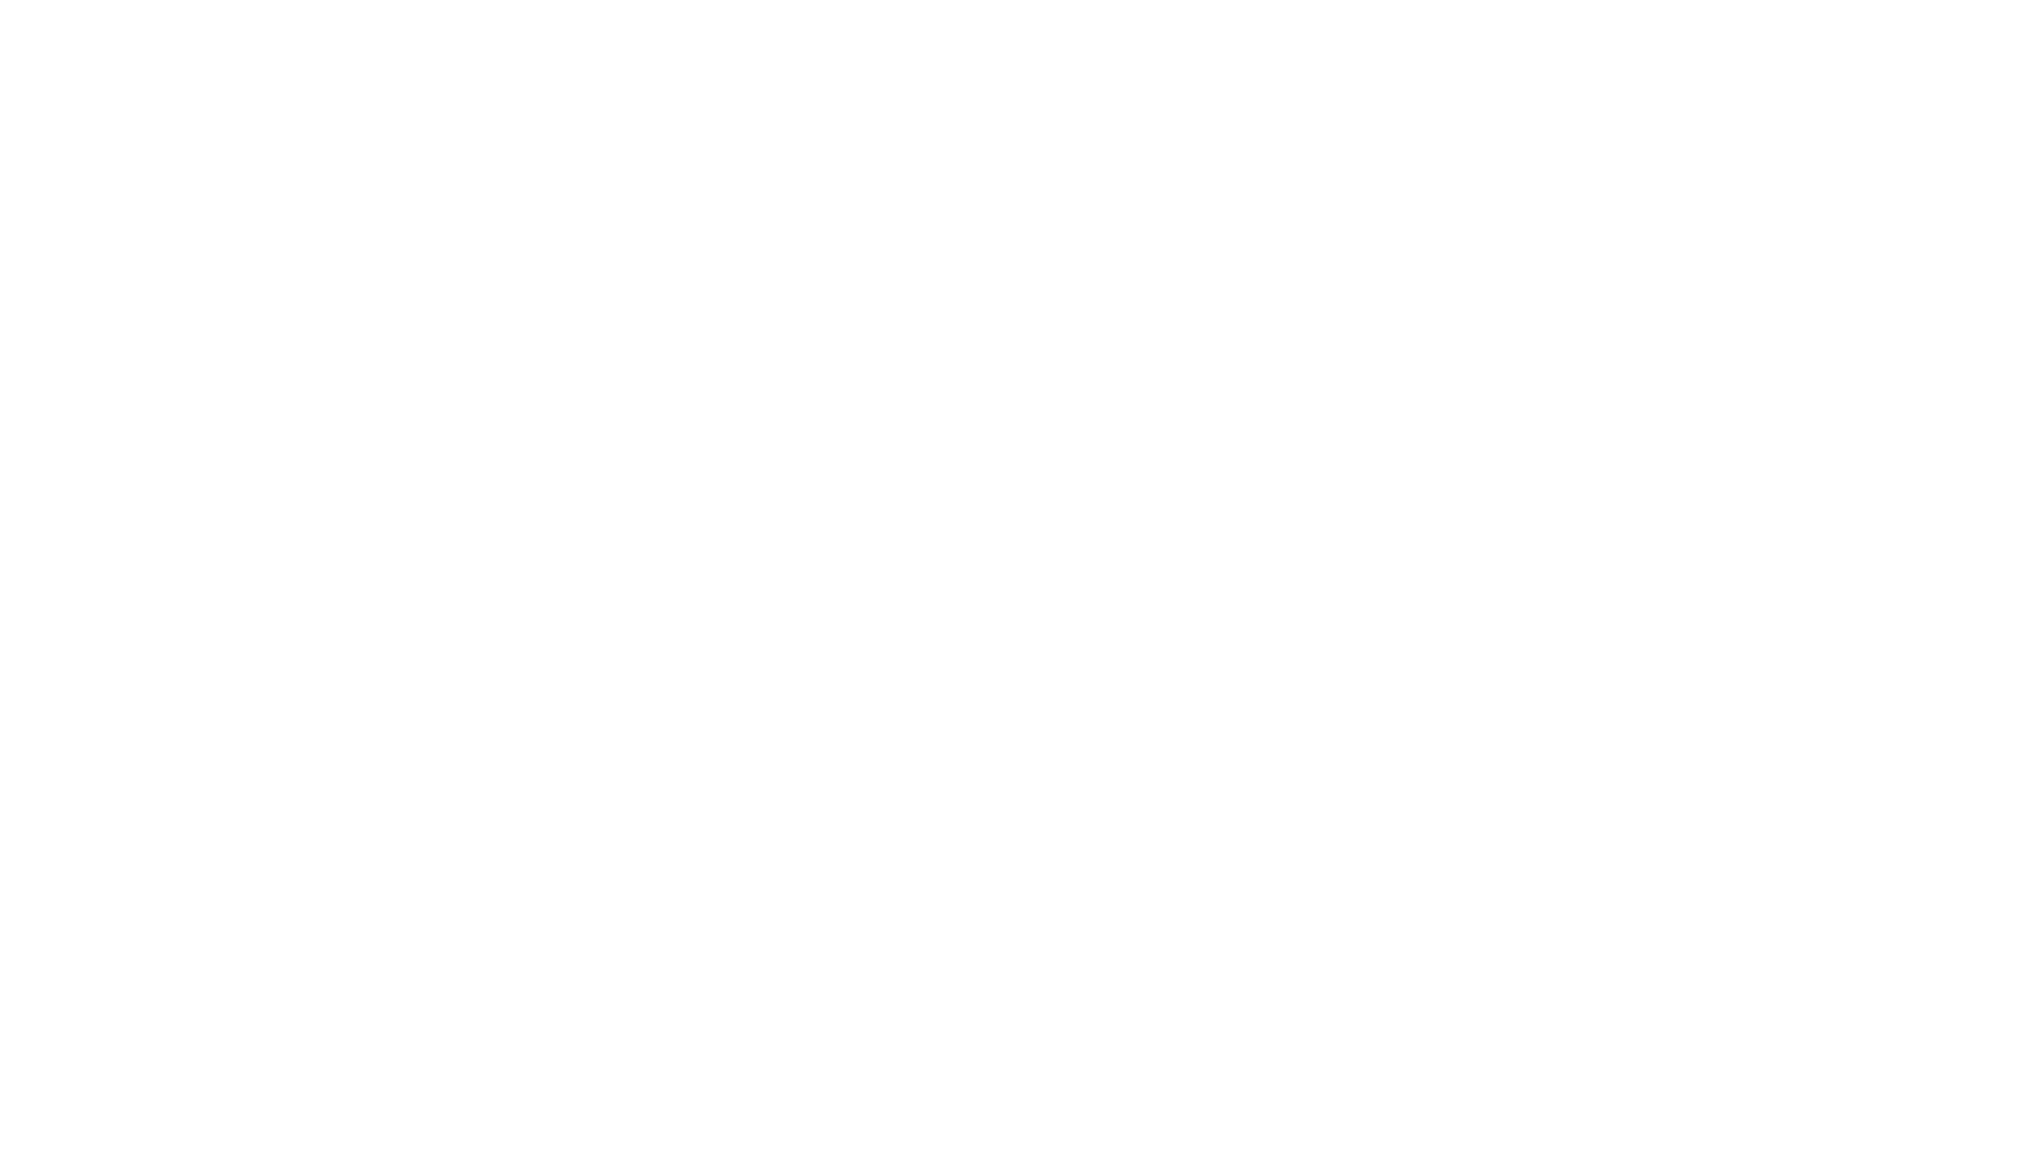 ESC Solutions